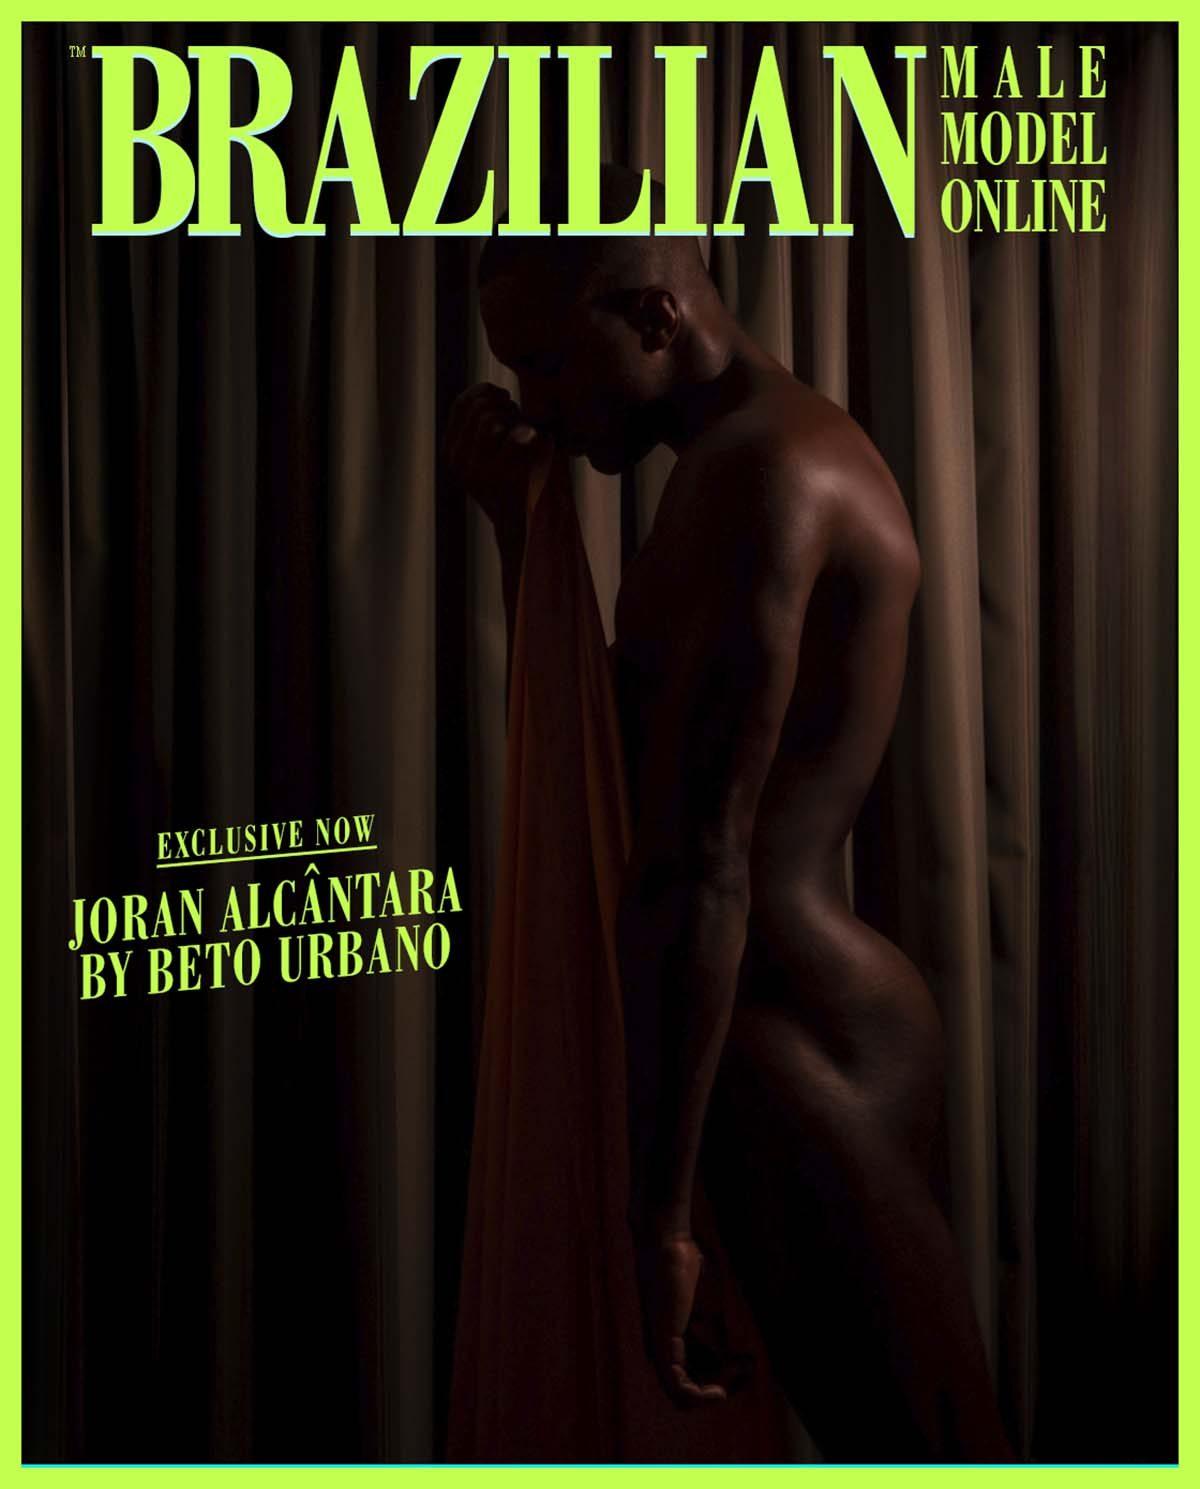 Joran Alcântara by Beto Urbano